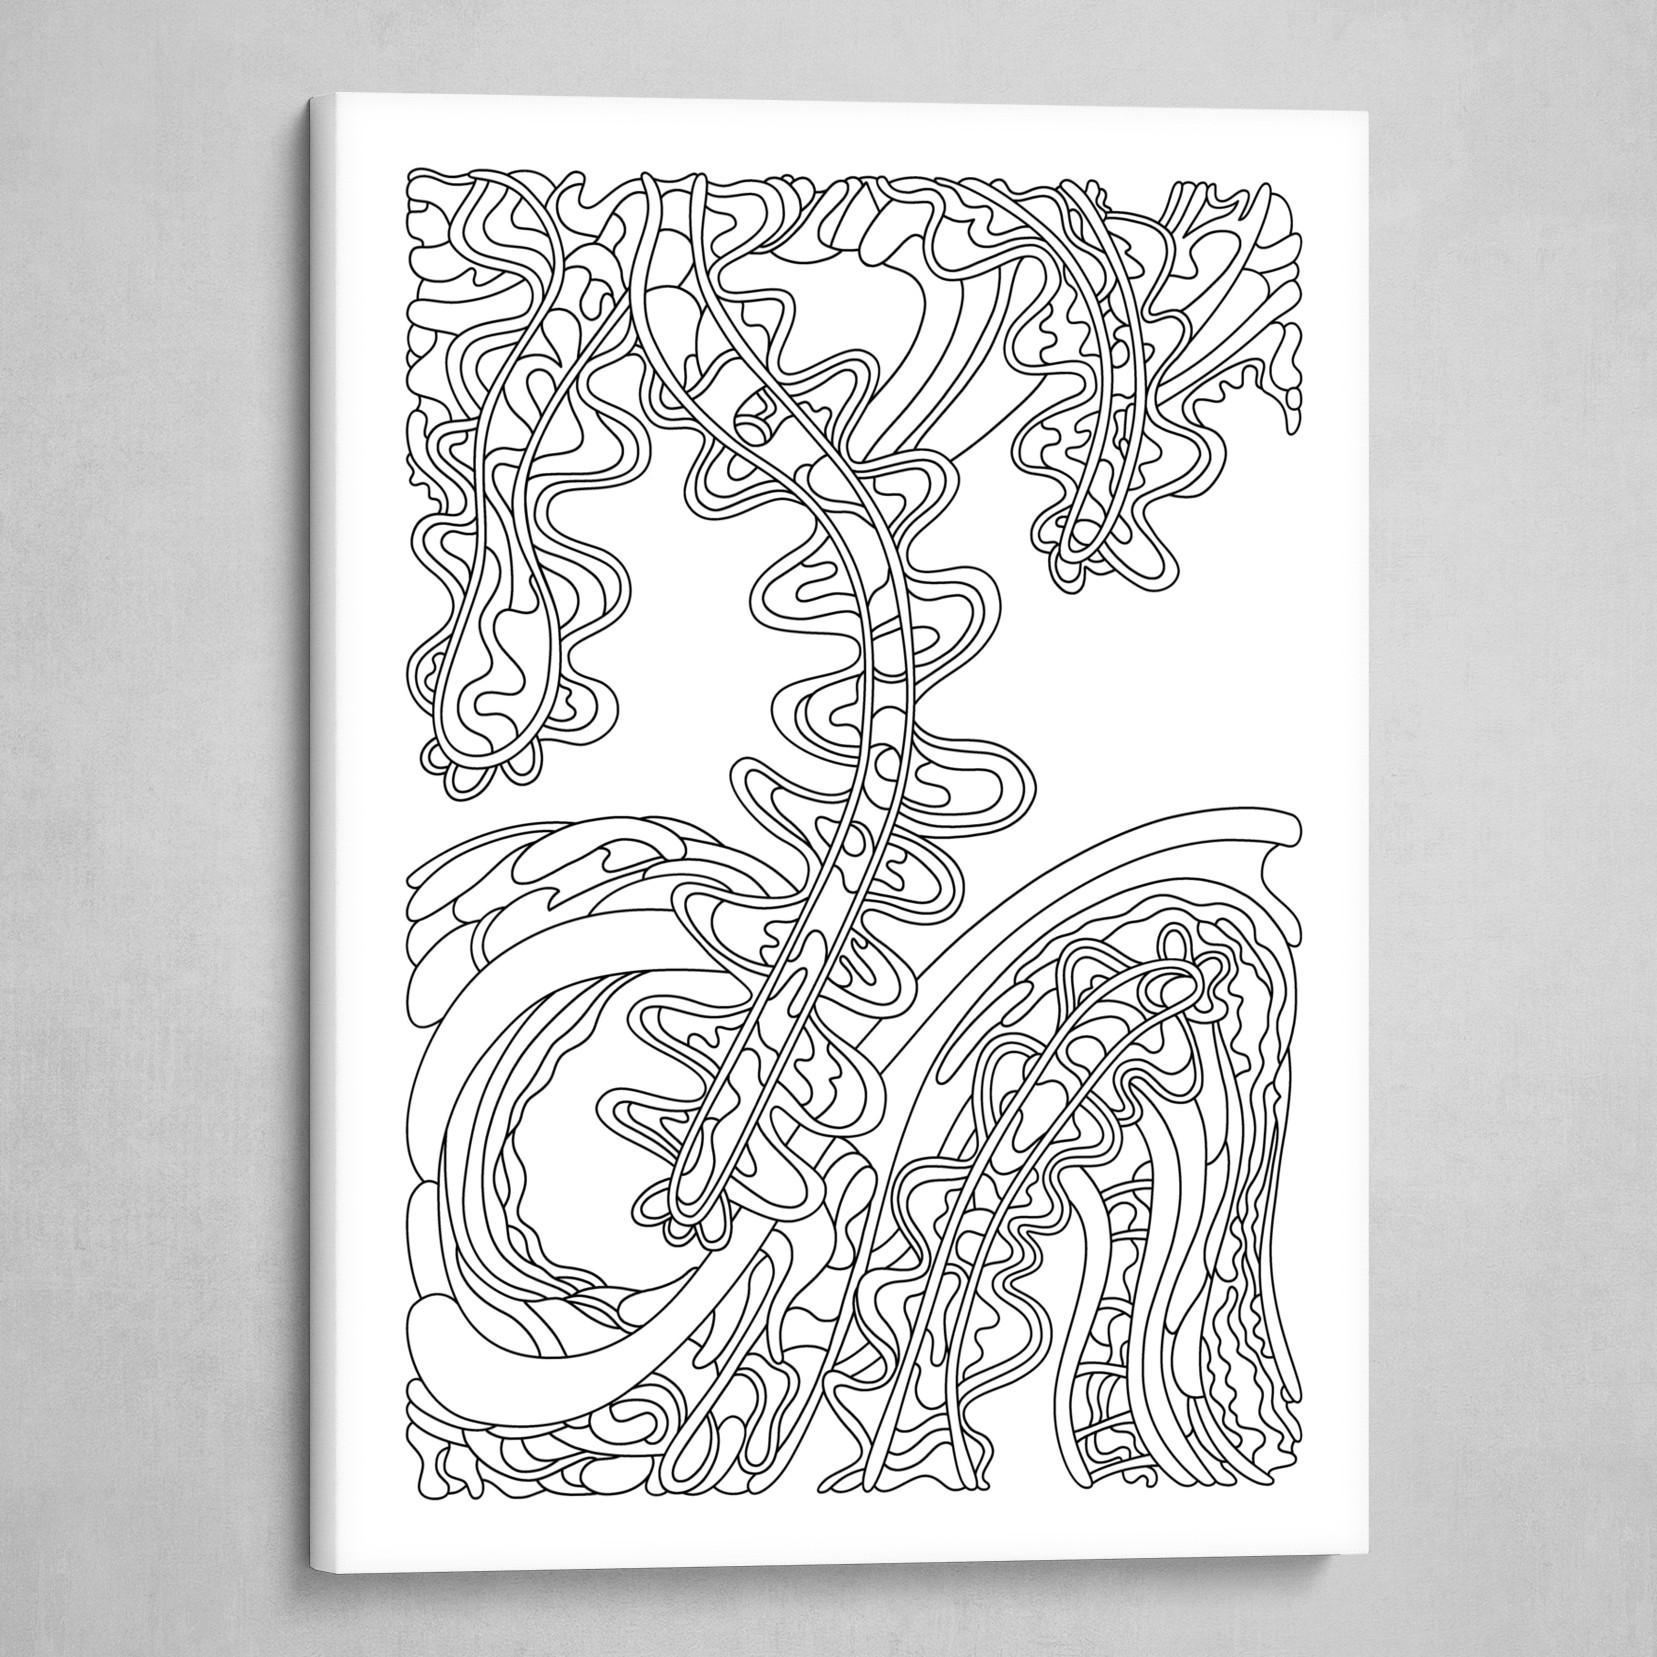 Wandering 07: black & white line art